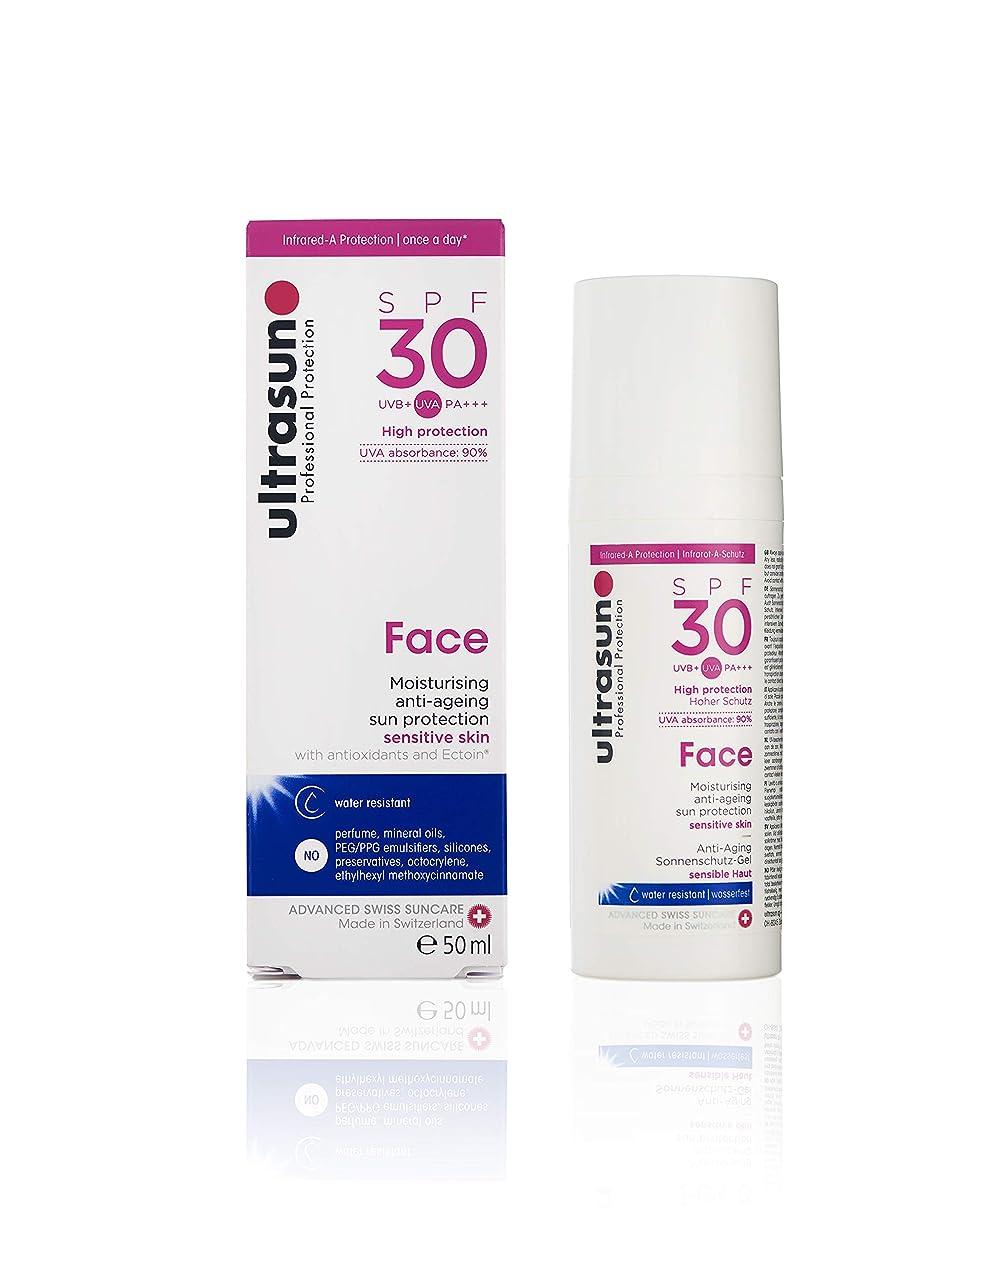 の量変換すばらしいですアルトラサン 日焼け止めローション フェイス UV 敏感肌用 SPF30 PA+++ トリプルプロテクション 50mL